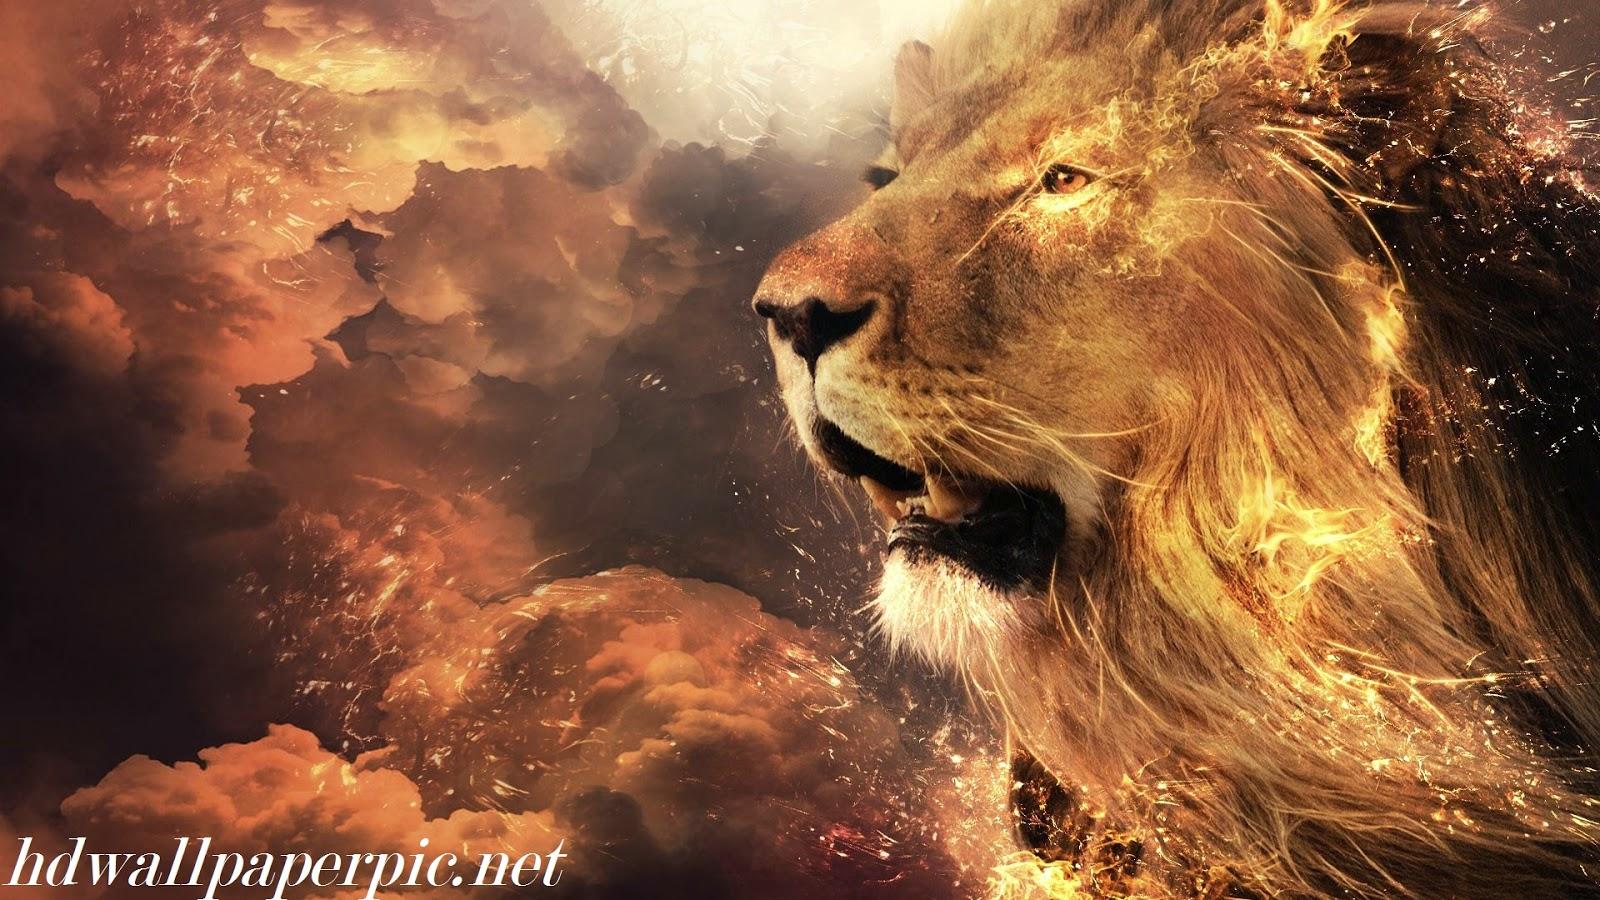 Brown Roar HD Wallpaper